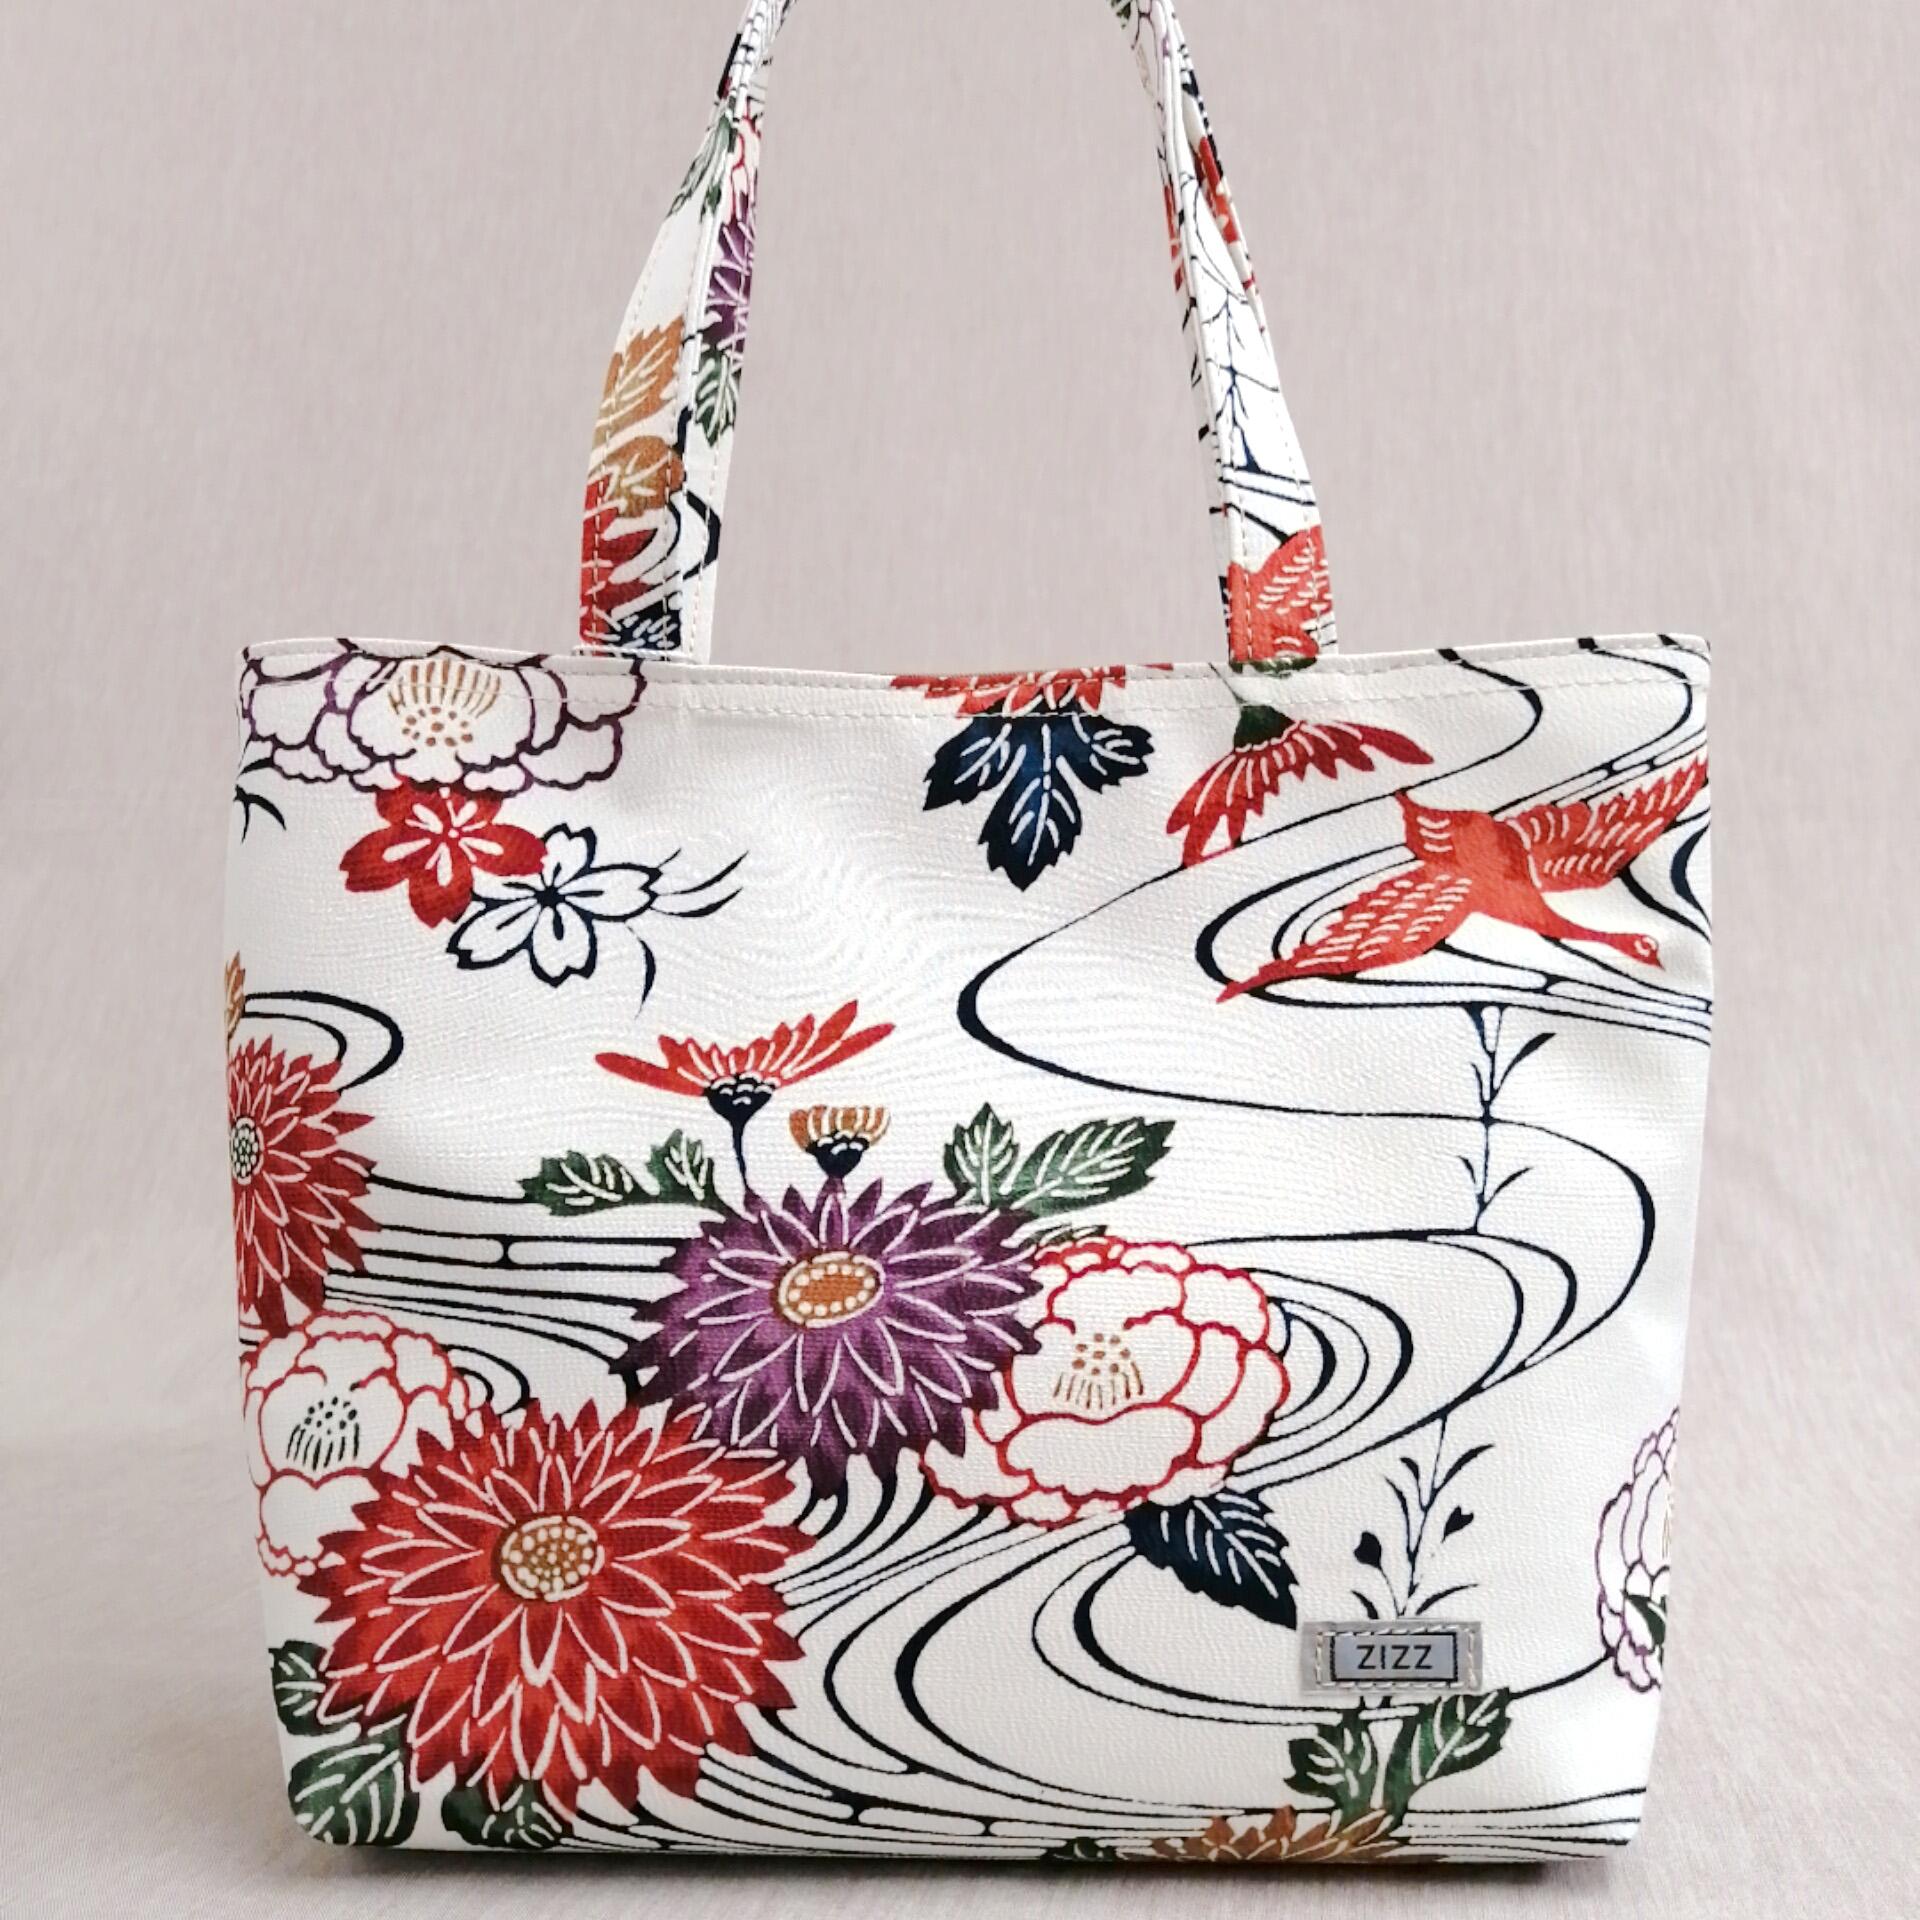 母の日ギフトにおすすめバッグを紹介。